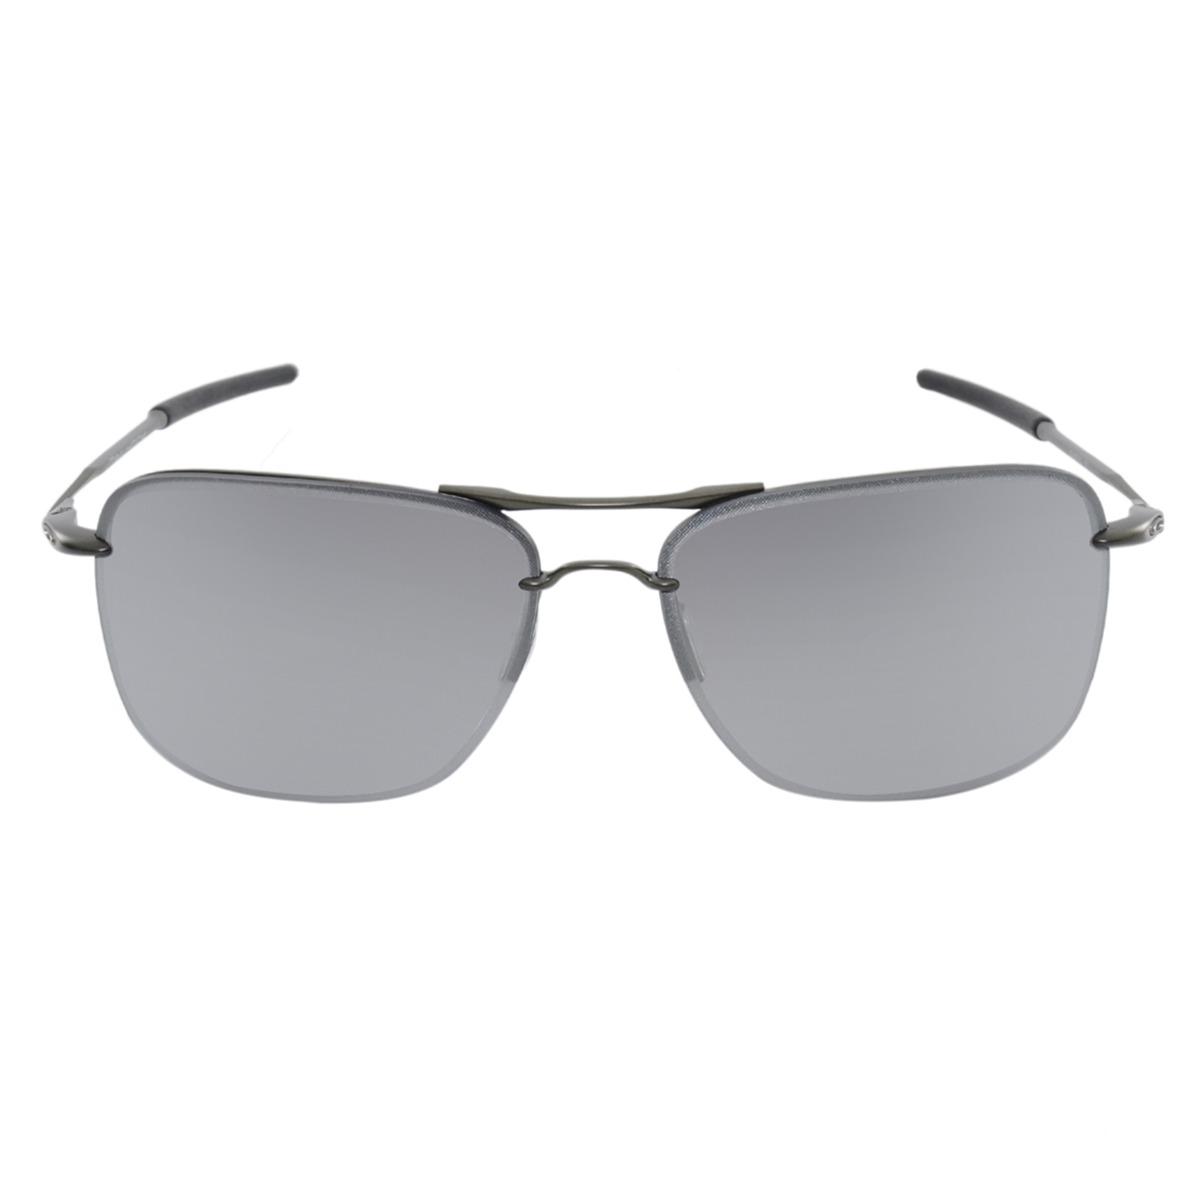 Óculos Oakley Tailhook Carbon Chrome - R  390,00 em Mercado Livre bf0ce6923d